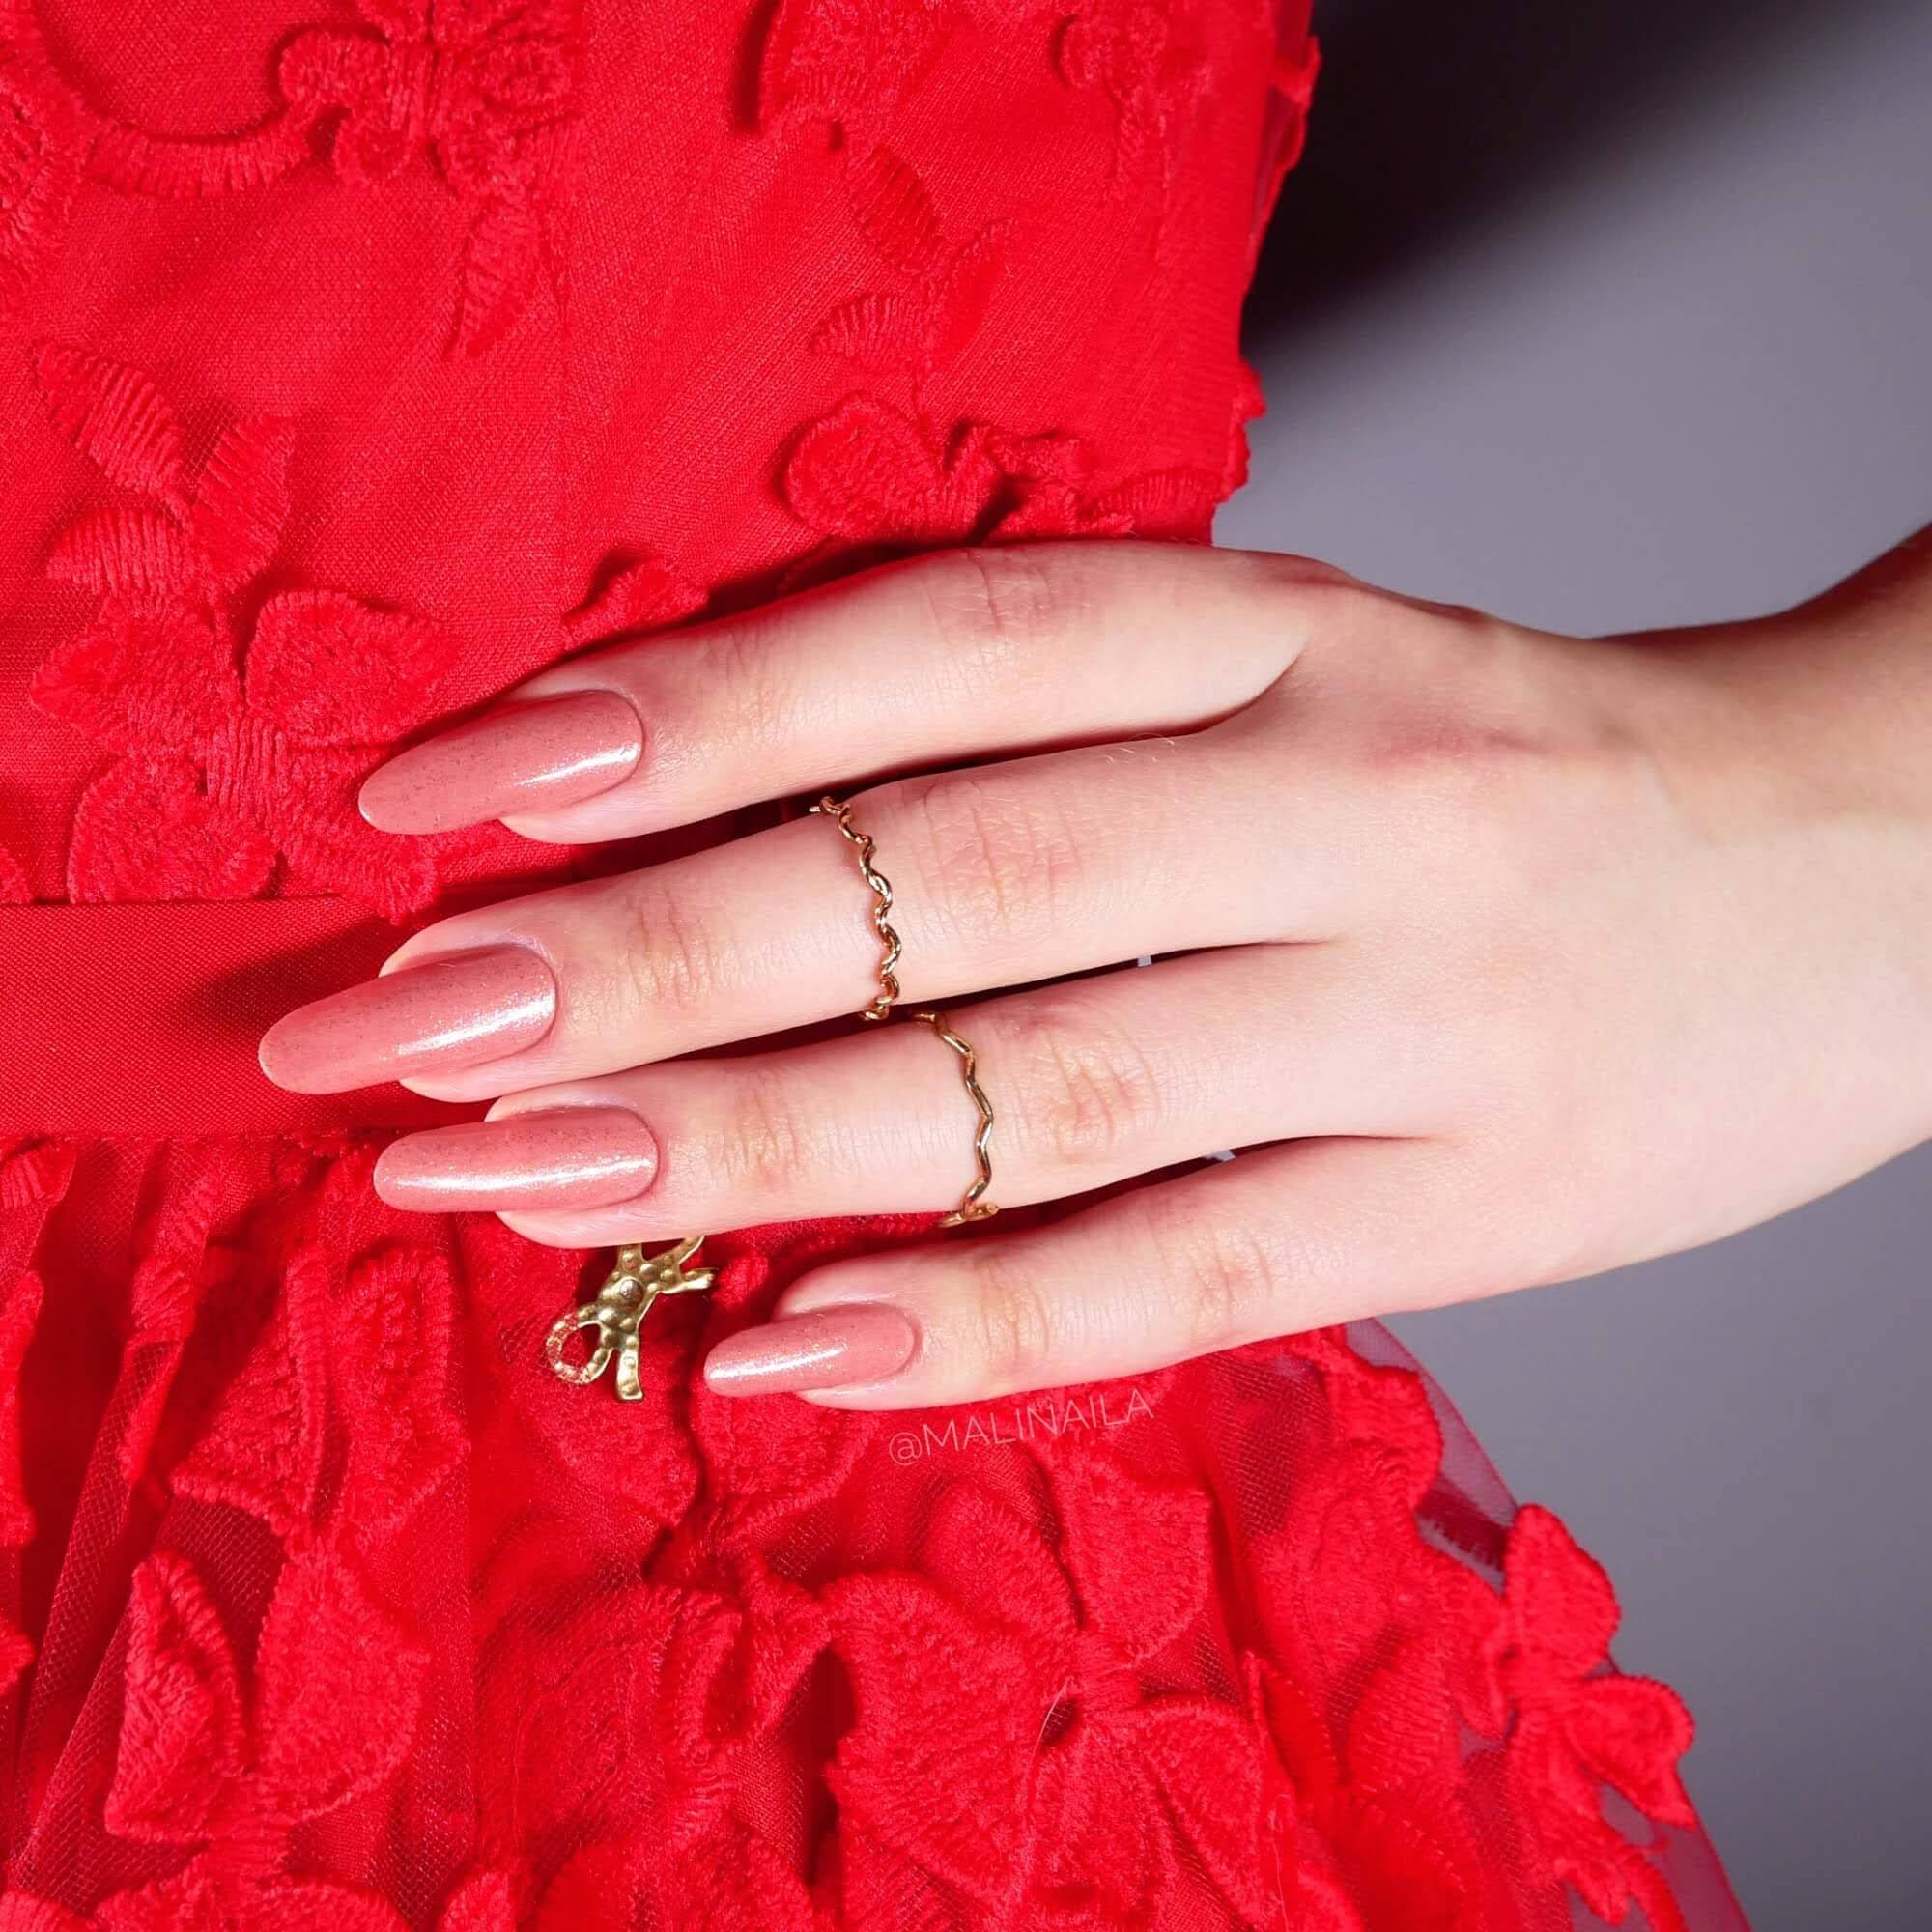 Paznokcie do czerwonej sukienki - jaki kolor wybrać?